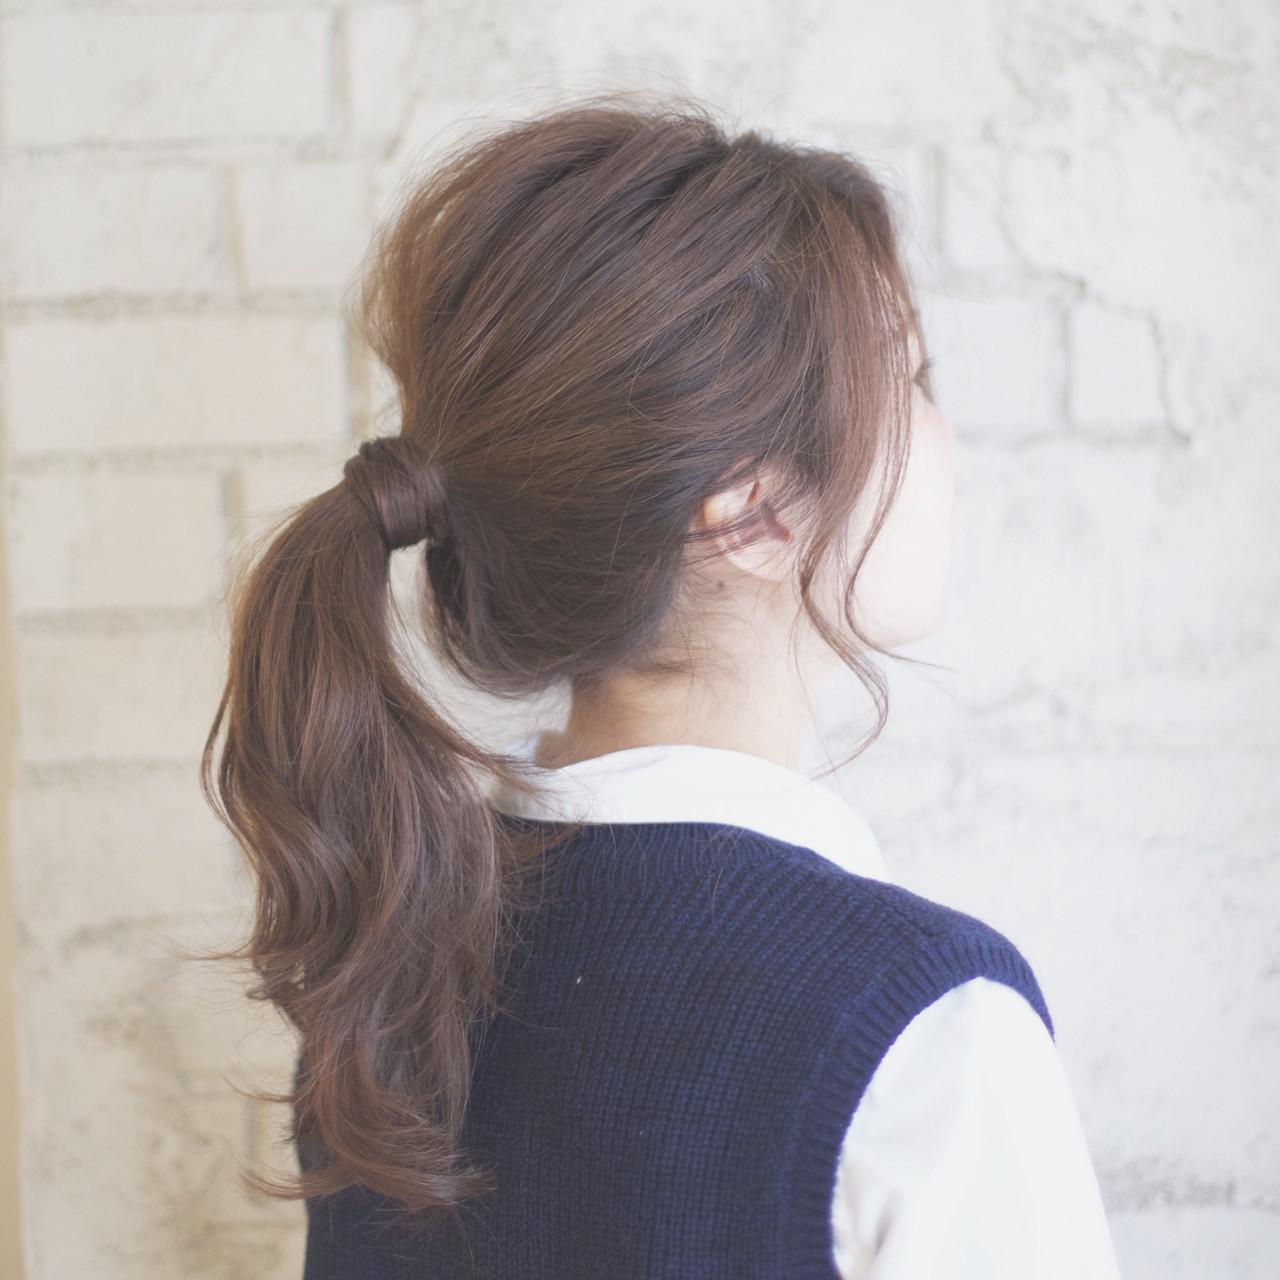 セミロング ショート ヘアアレンジ ポニーテール ヘアスタイルや髪型の写真・画像